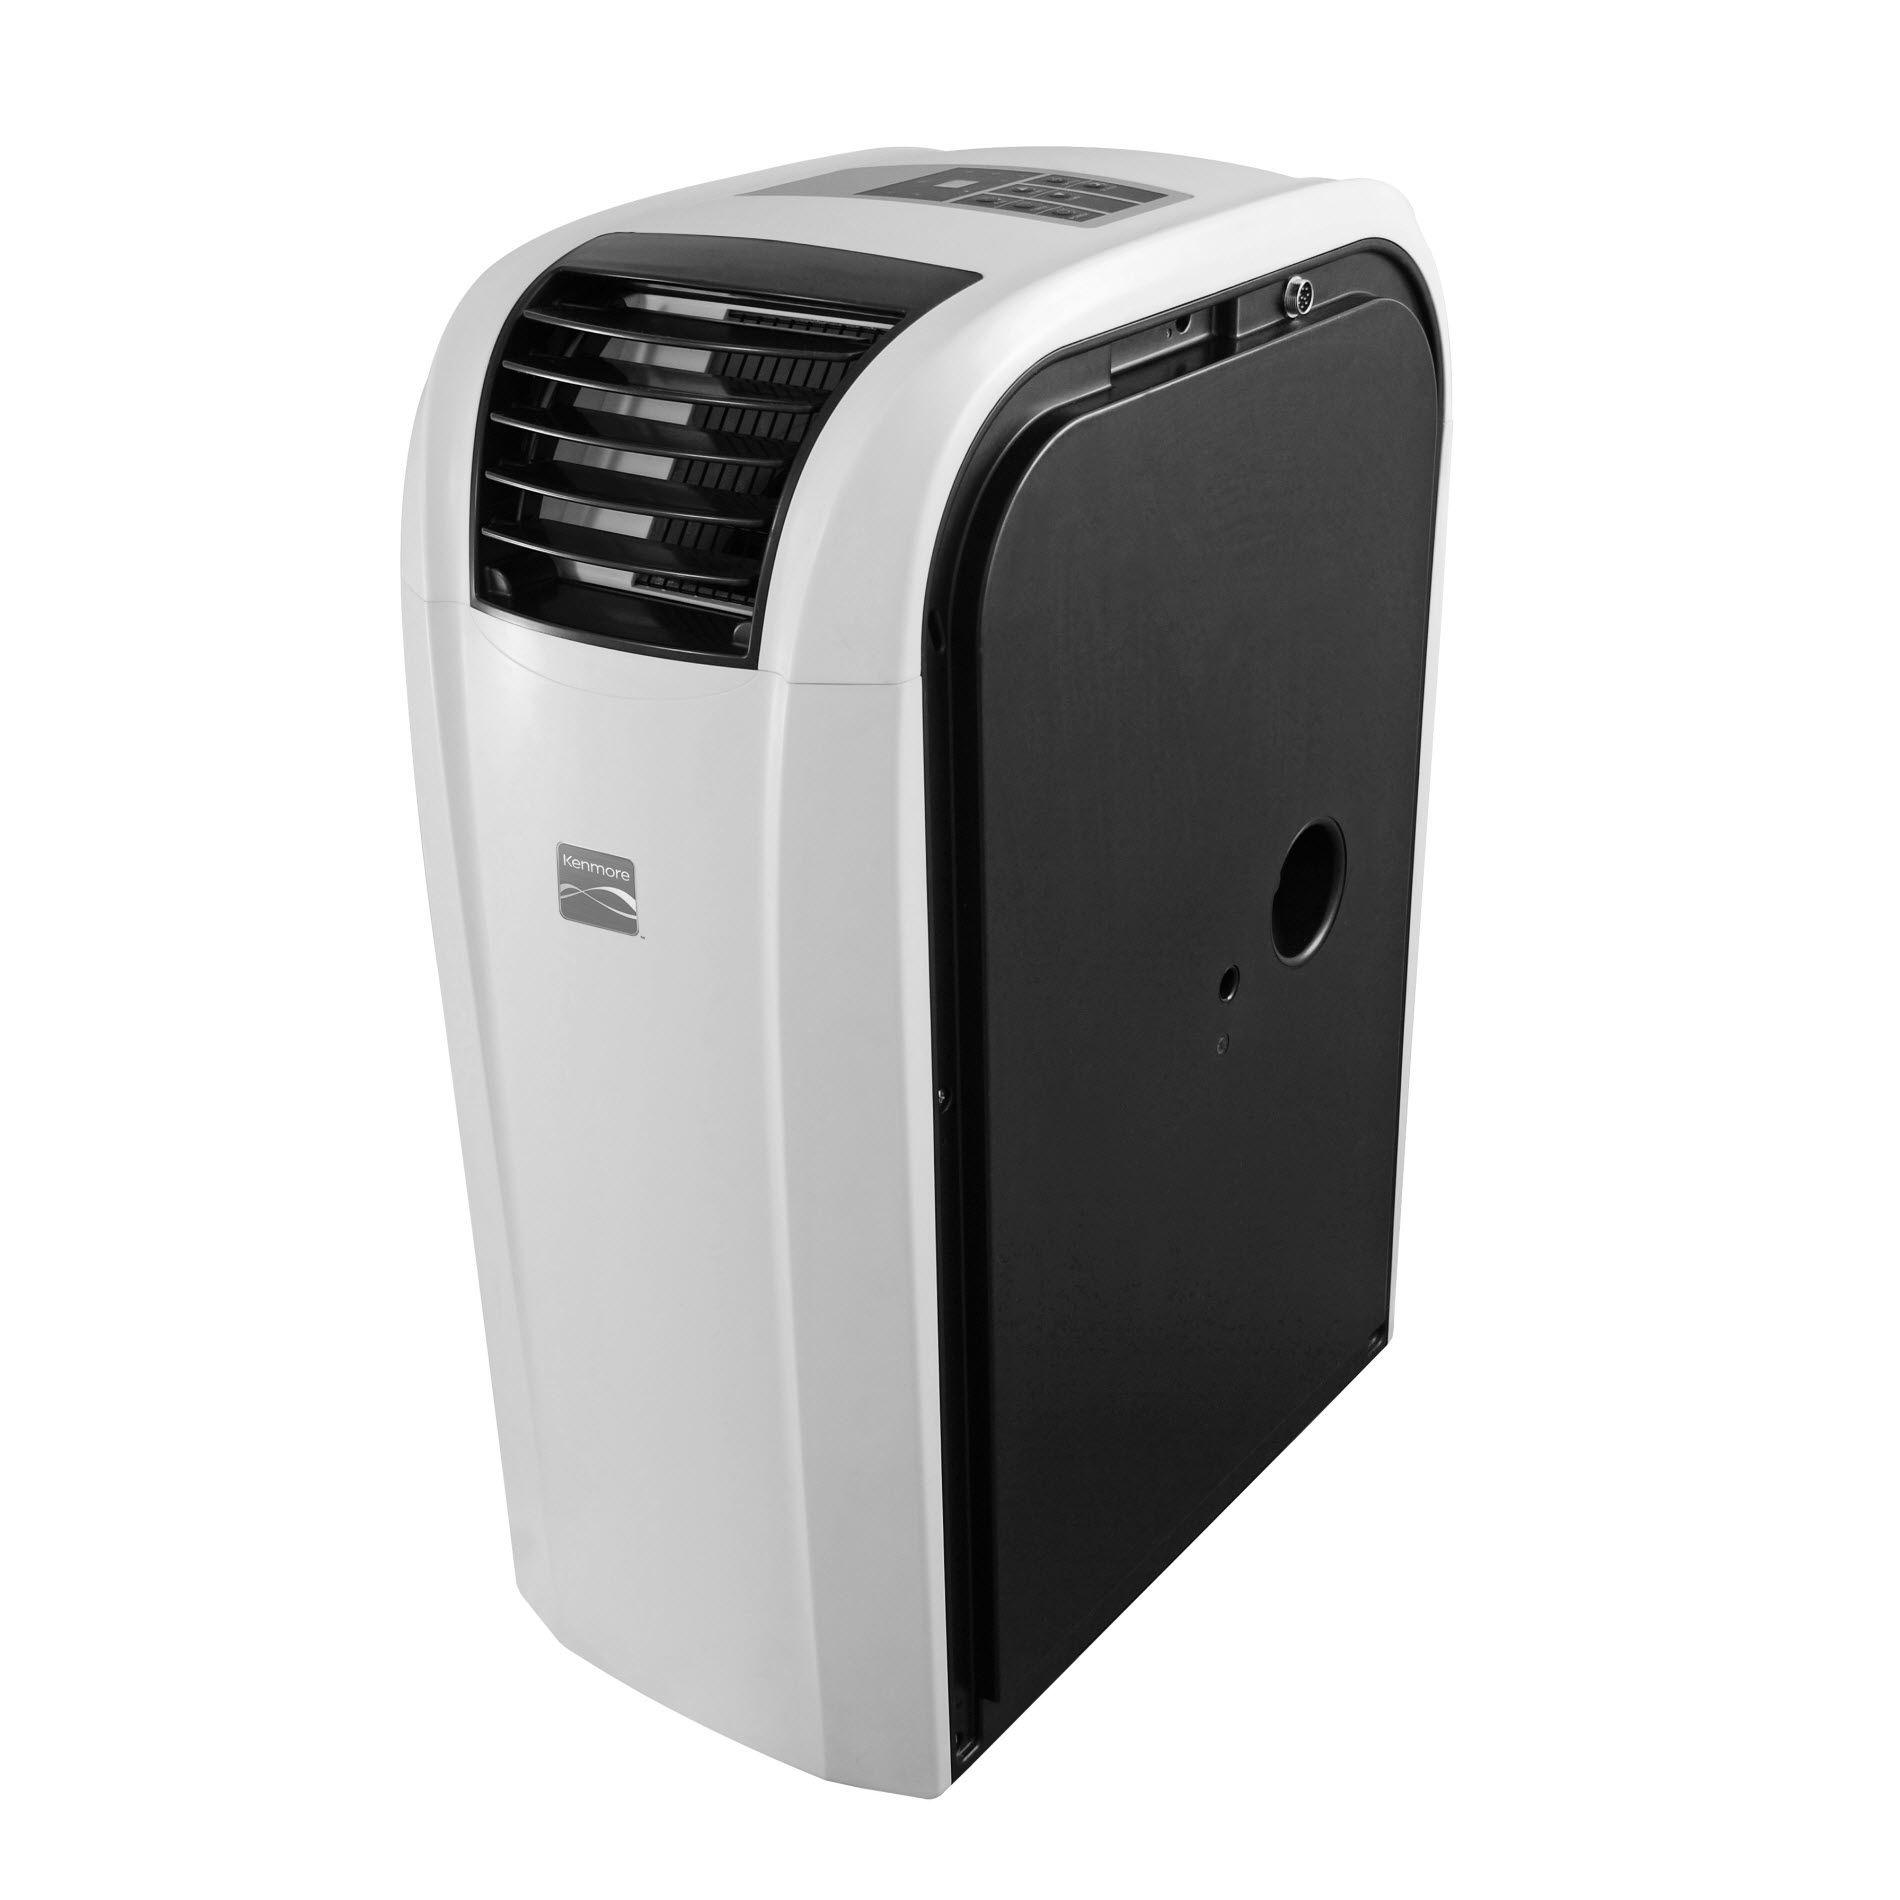 Portable Room Air Conditioner